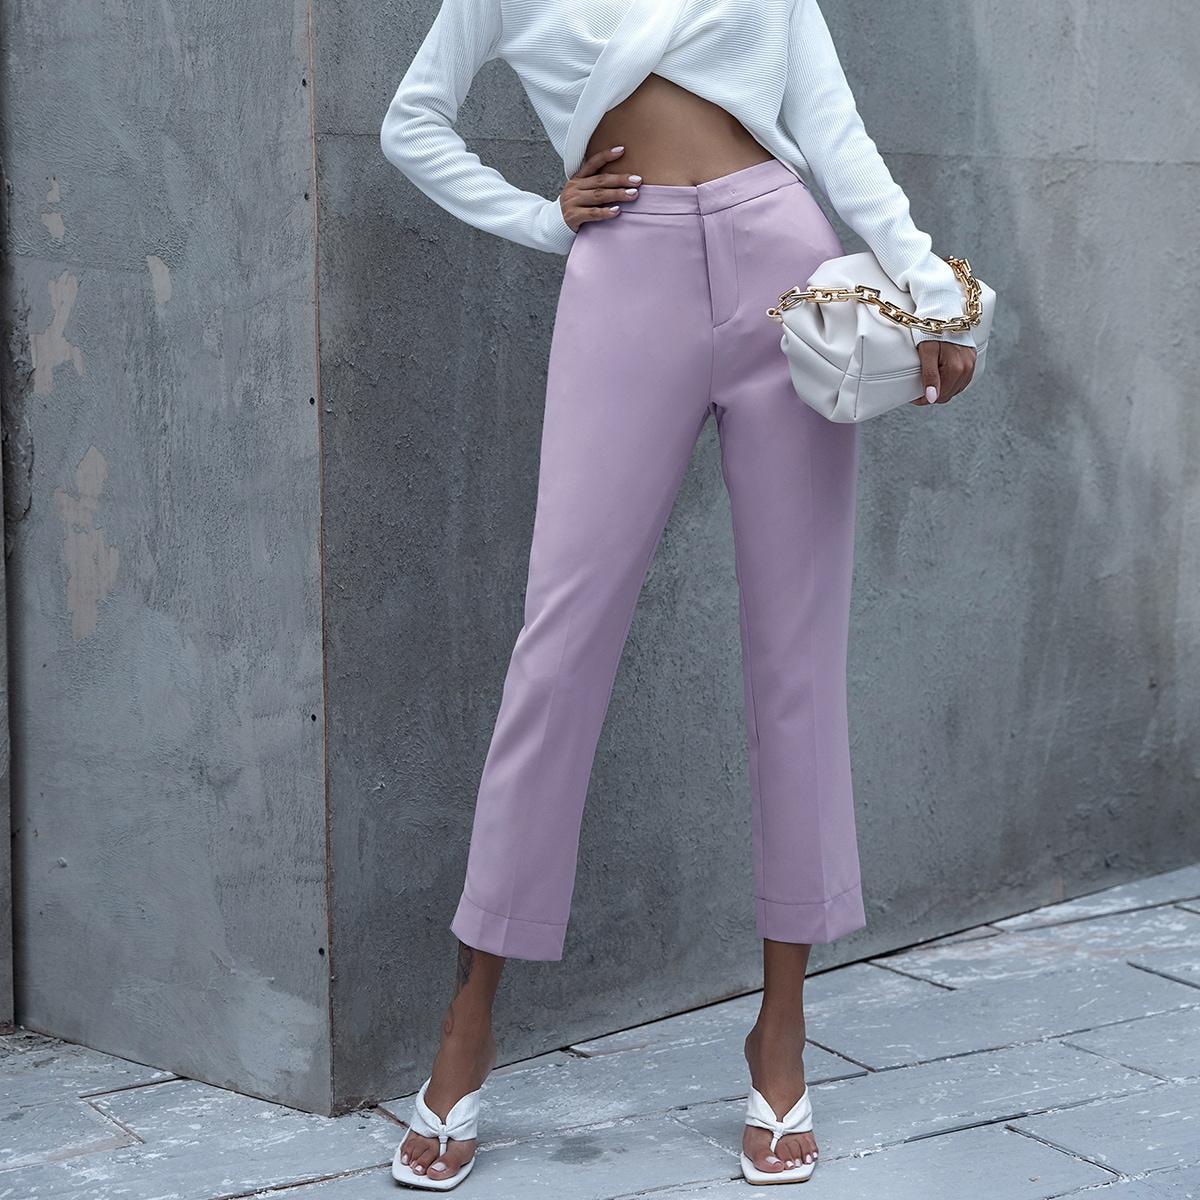 Однотонные короткие брюки фото